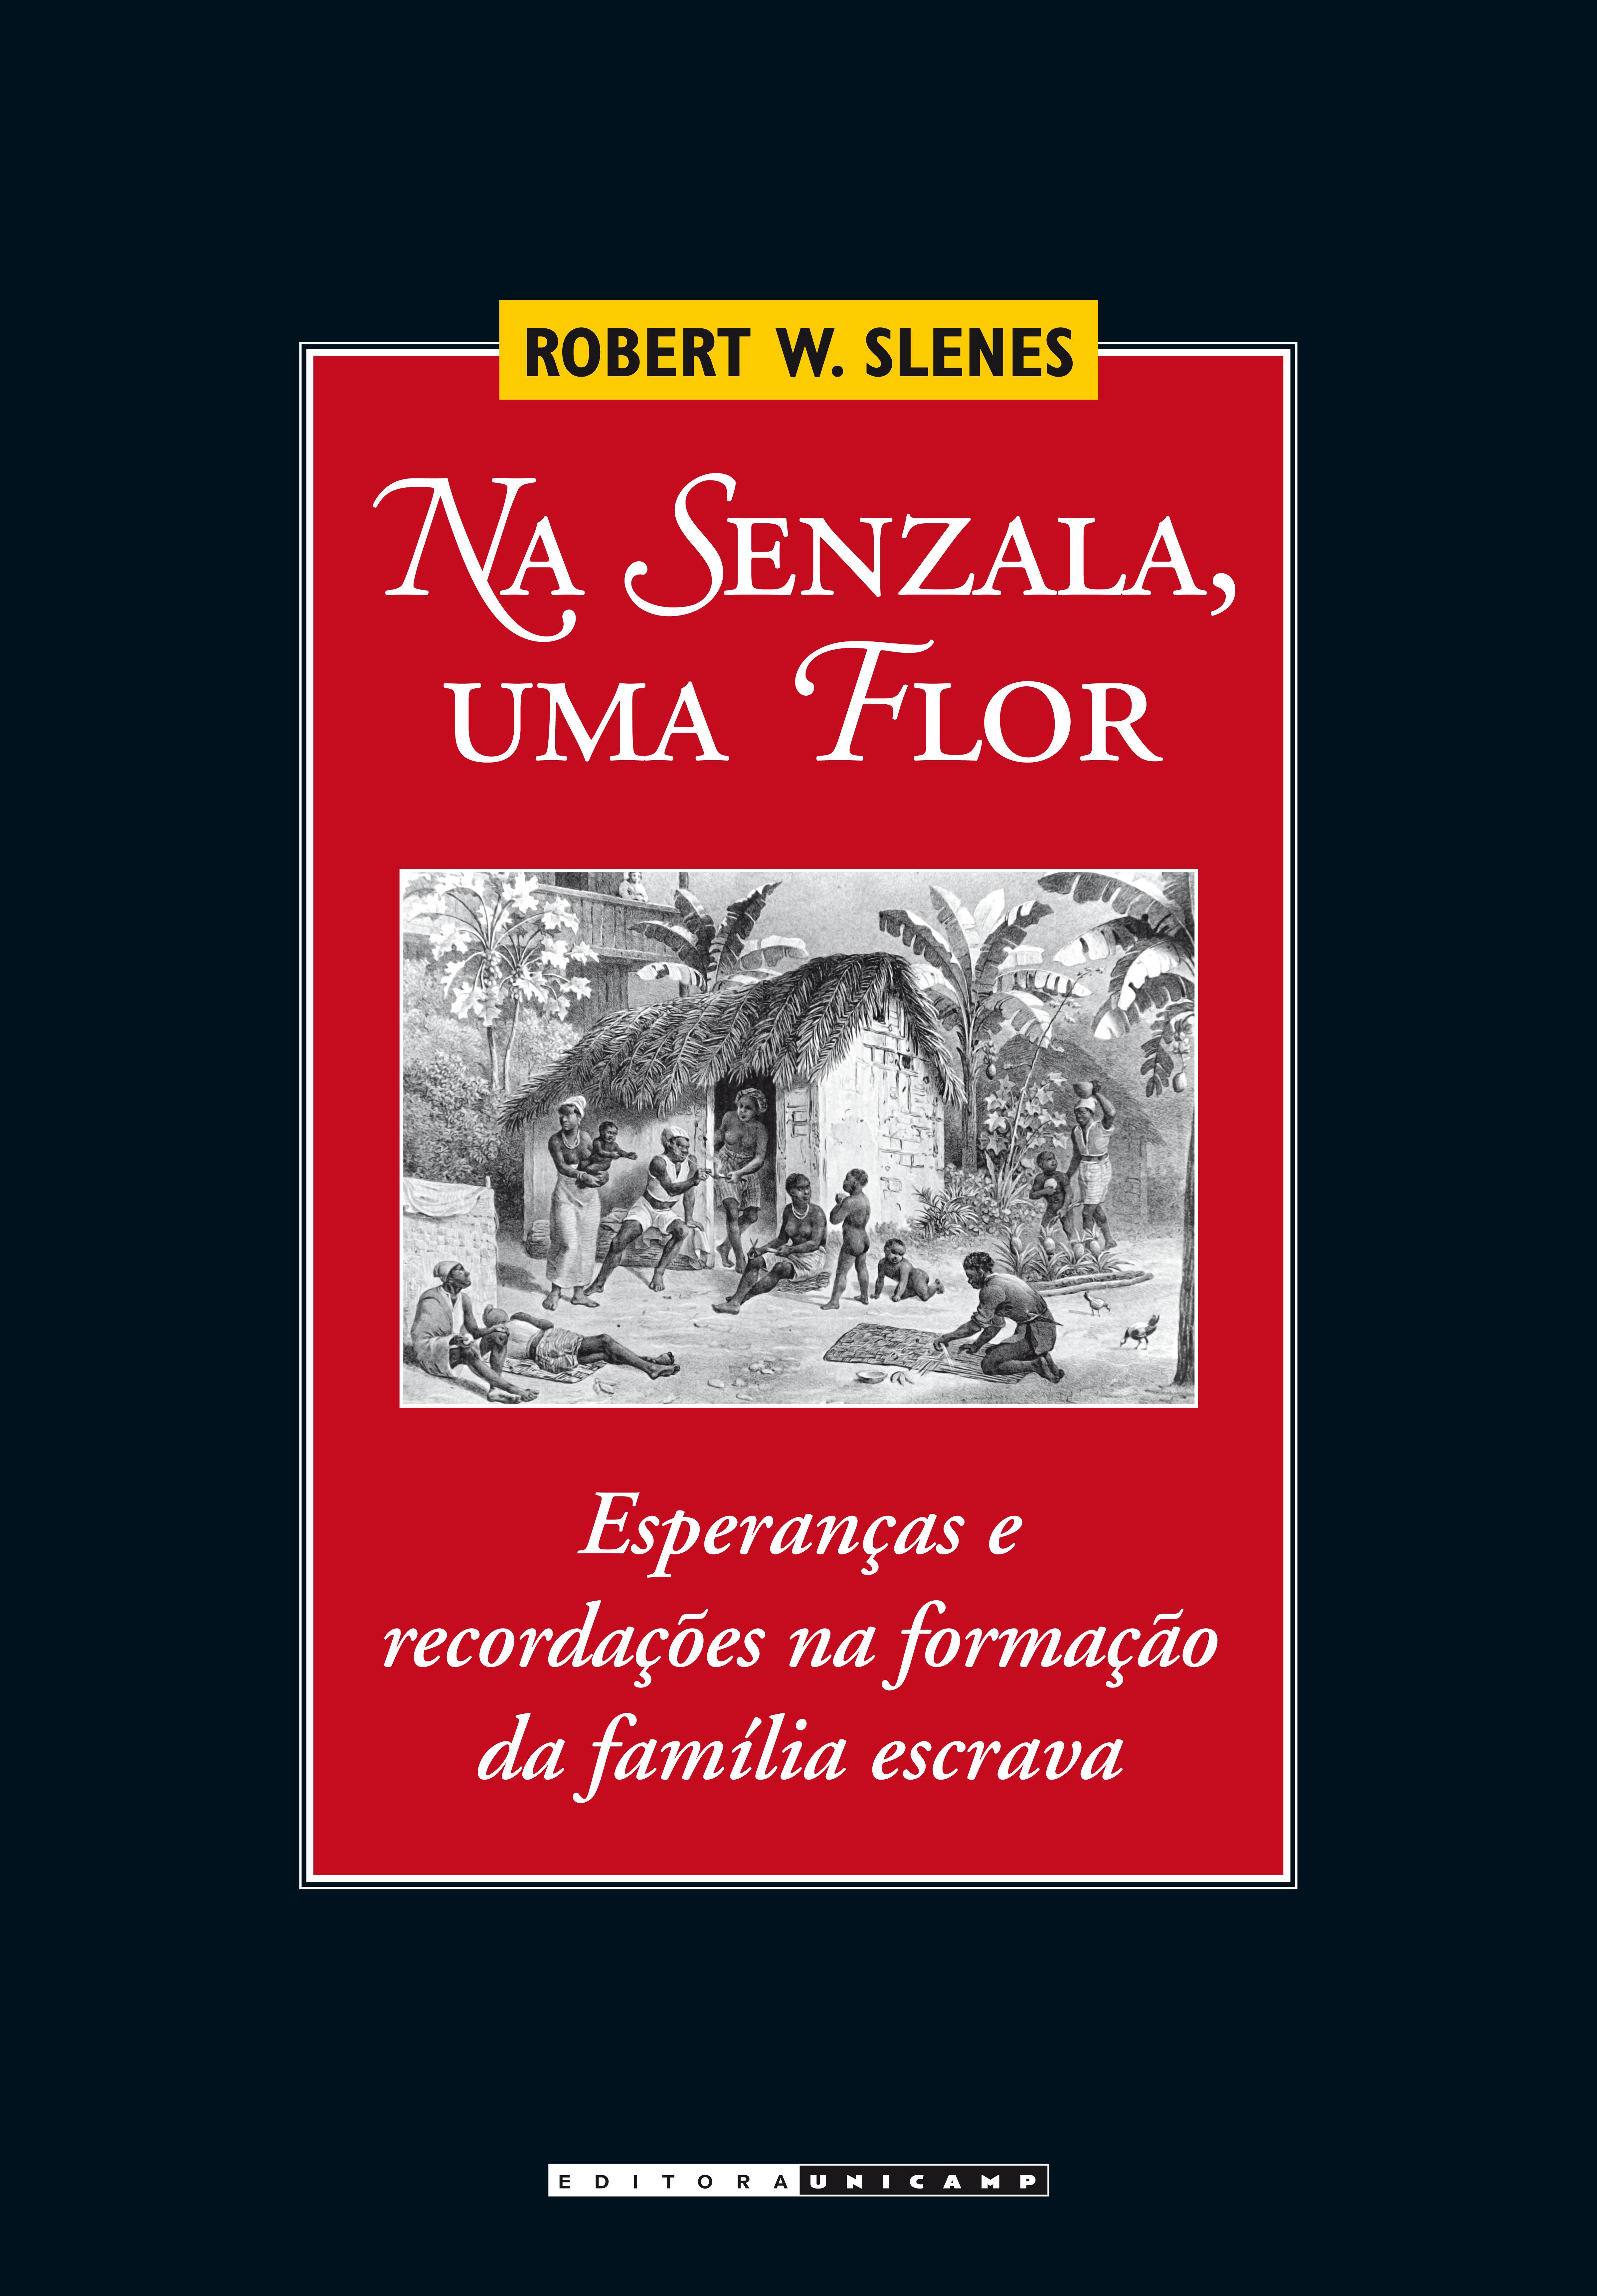 Na senzala, uma flor - Esperanças e recordações na formação da família escrava - Brasil Sudeste, século XIX, livro de Robert W. Slenes